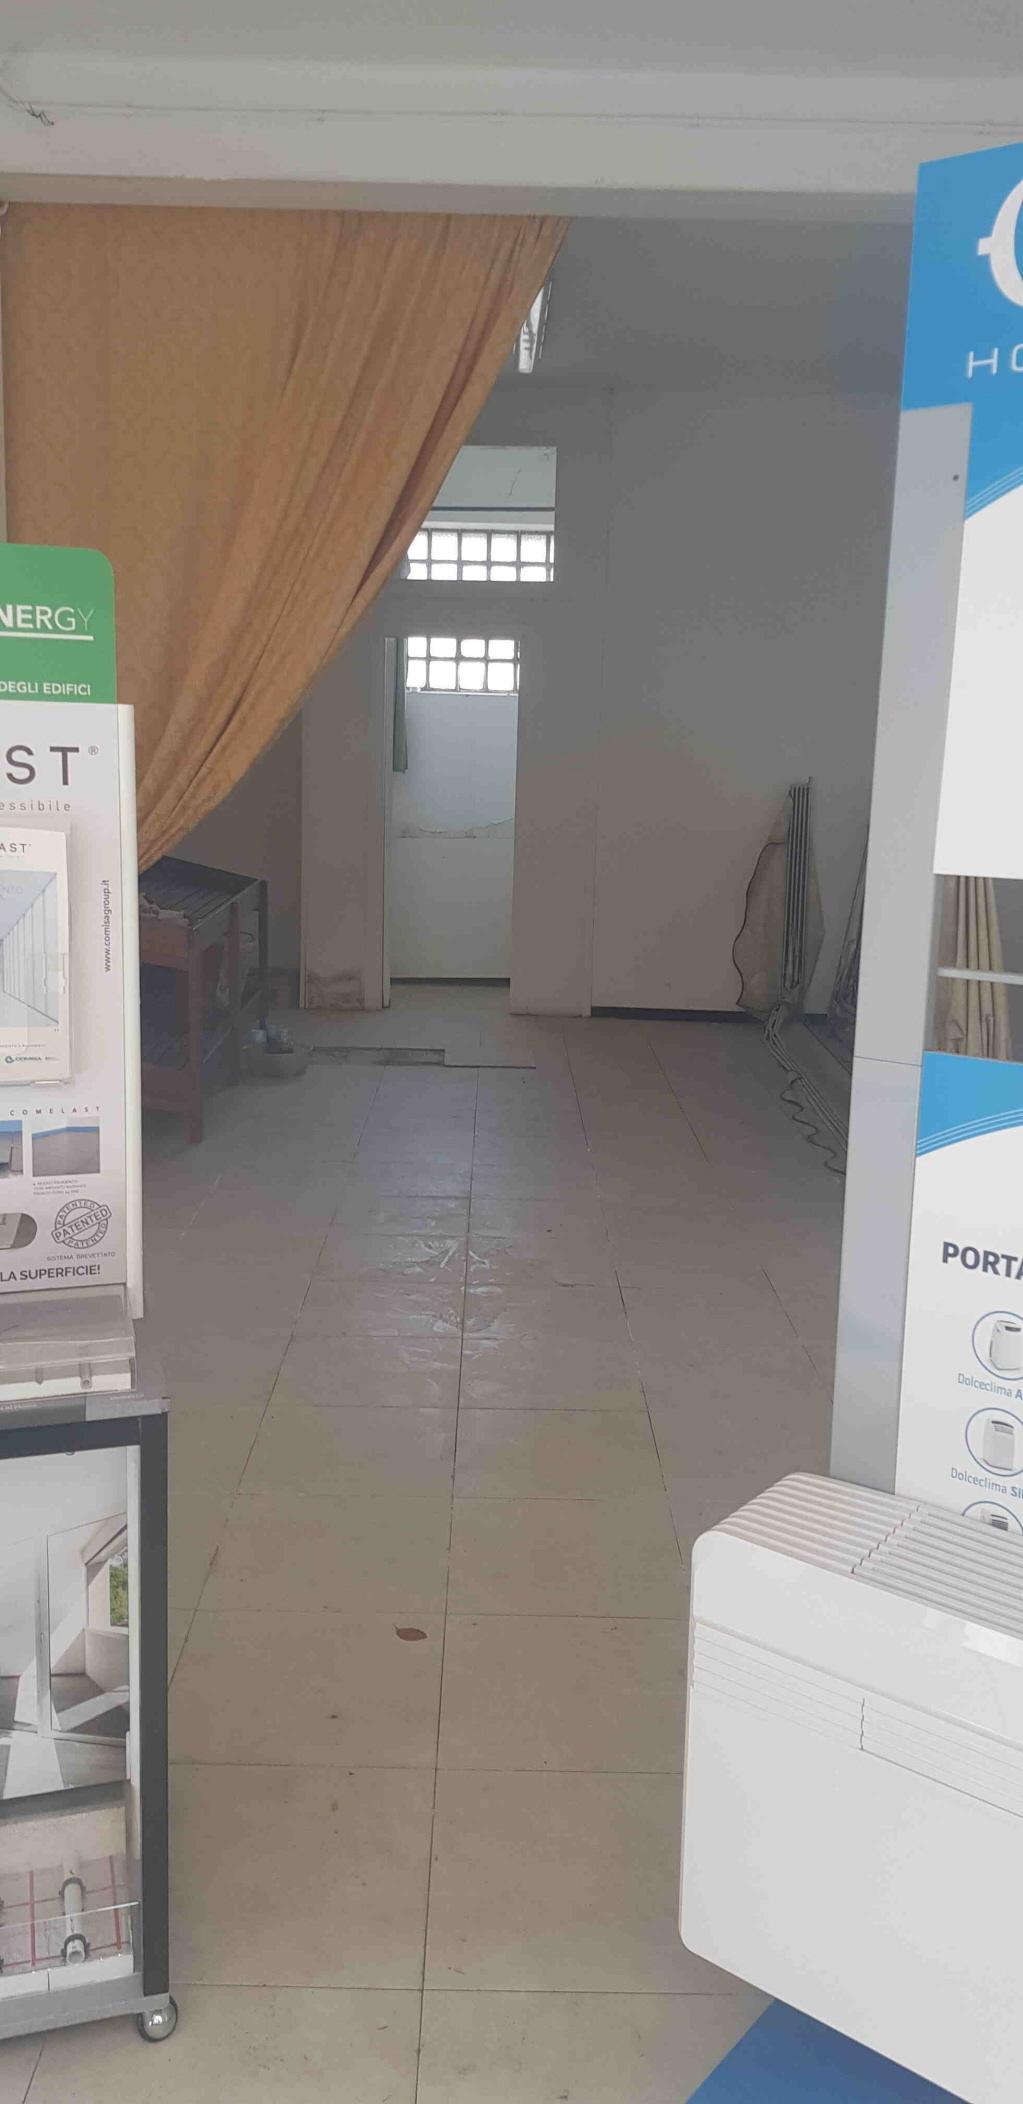 Negozio / Locale in affitto a Imperia, 1 locali, prezzo € 380 | CambioCasa.it